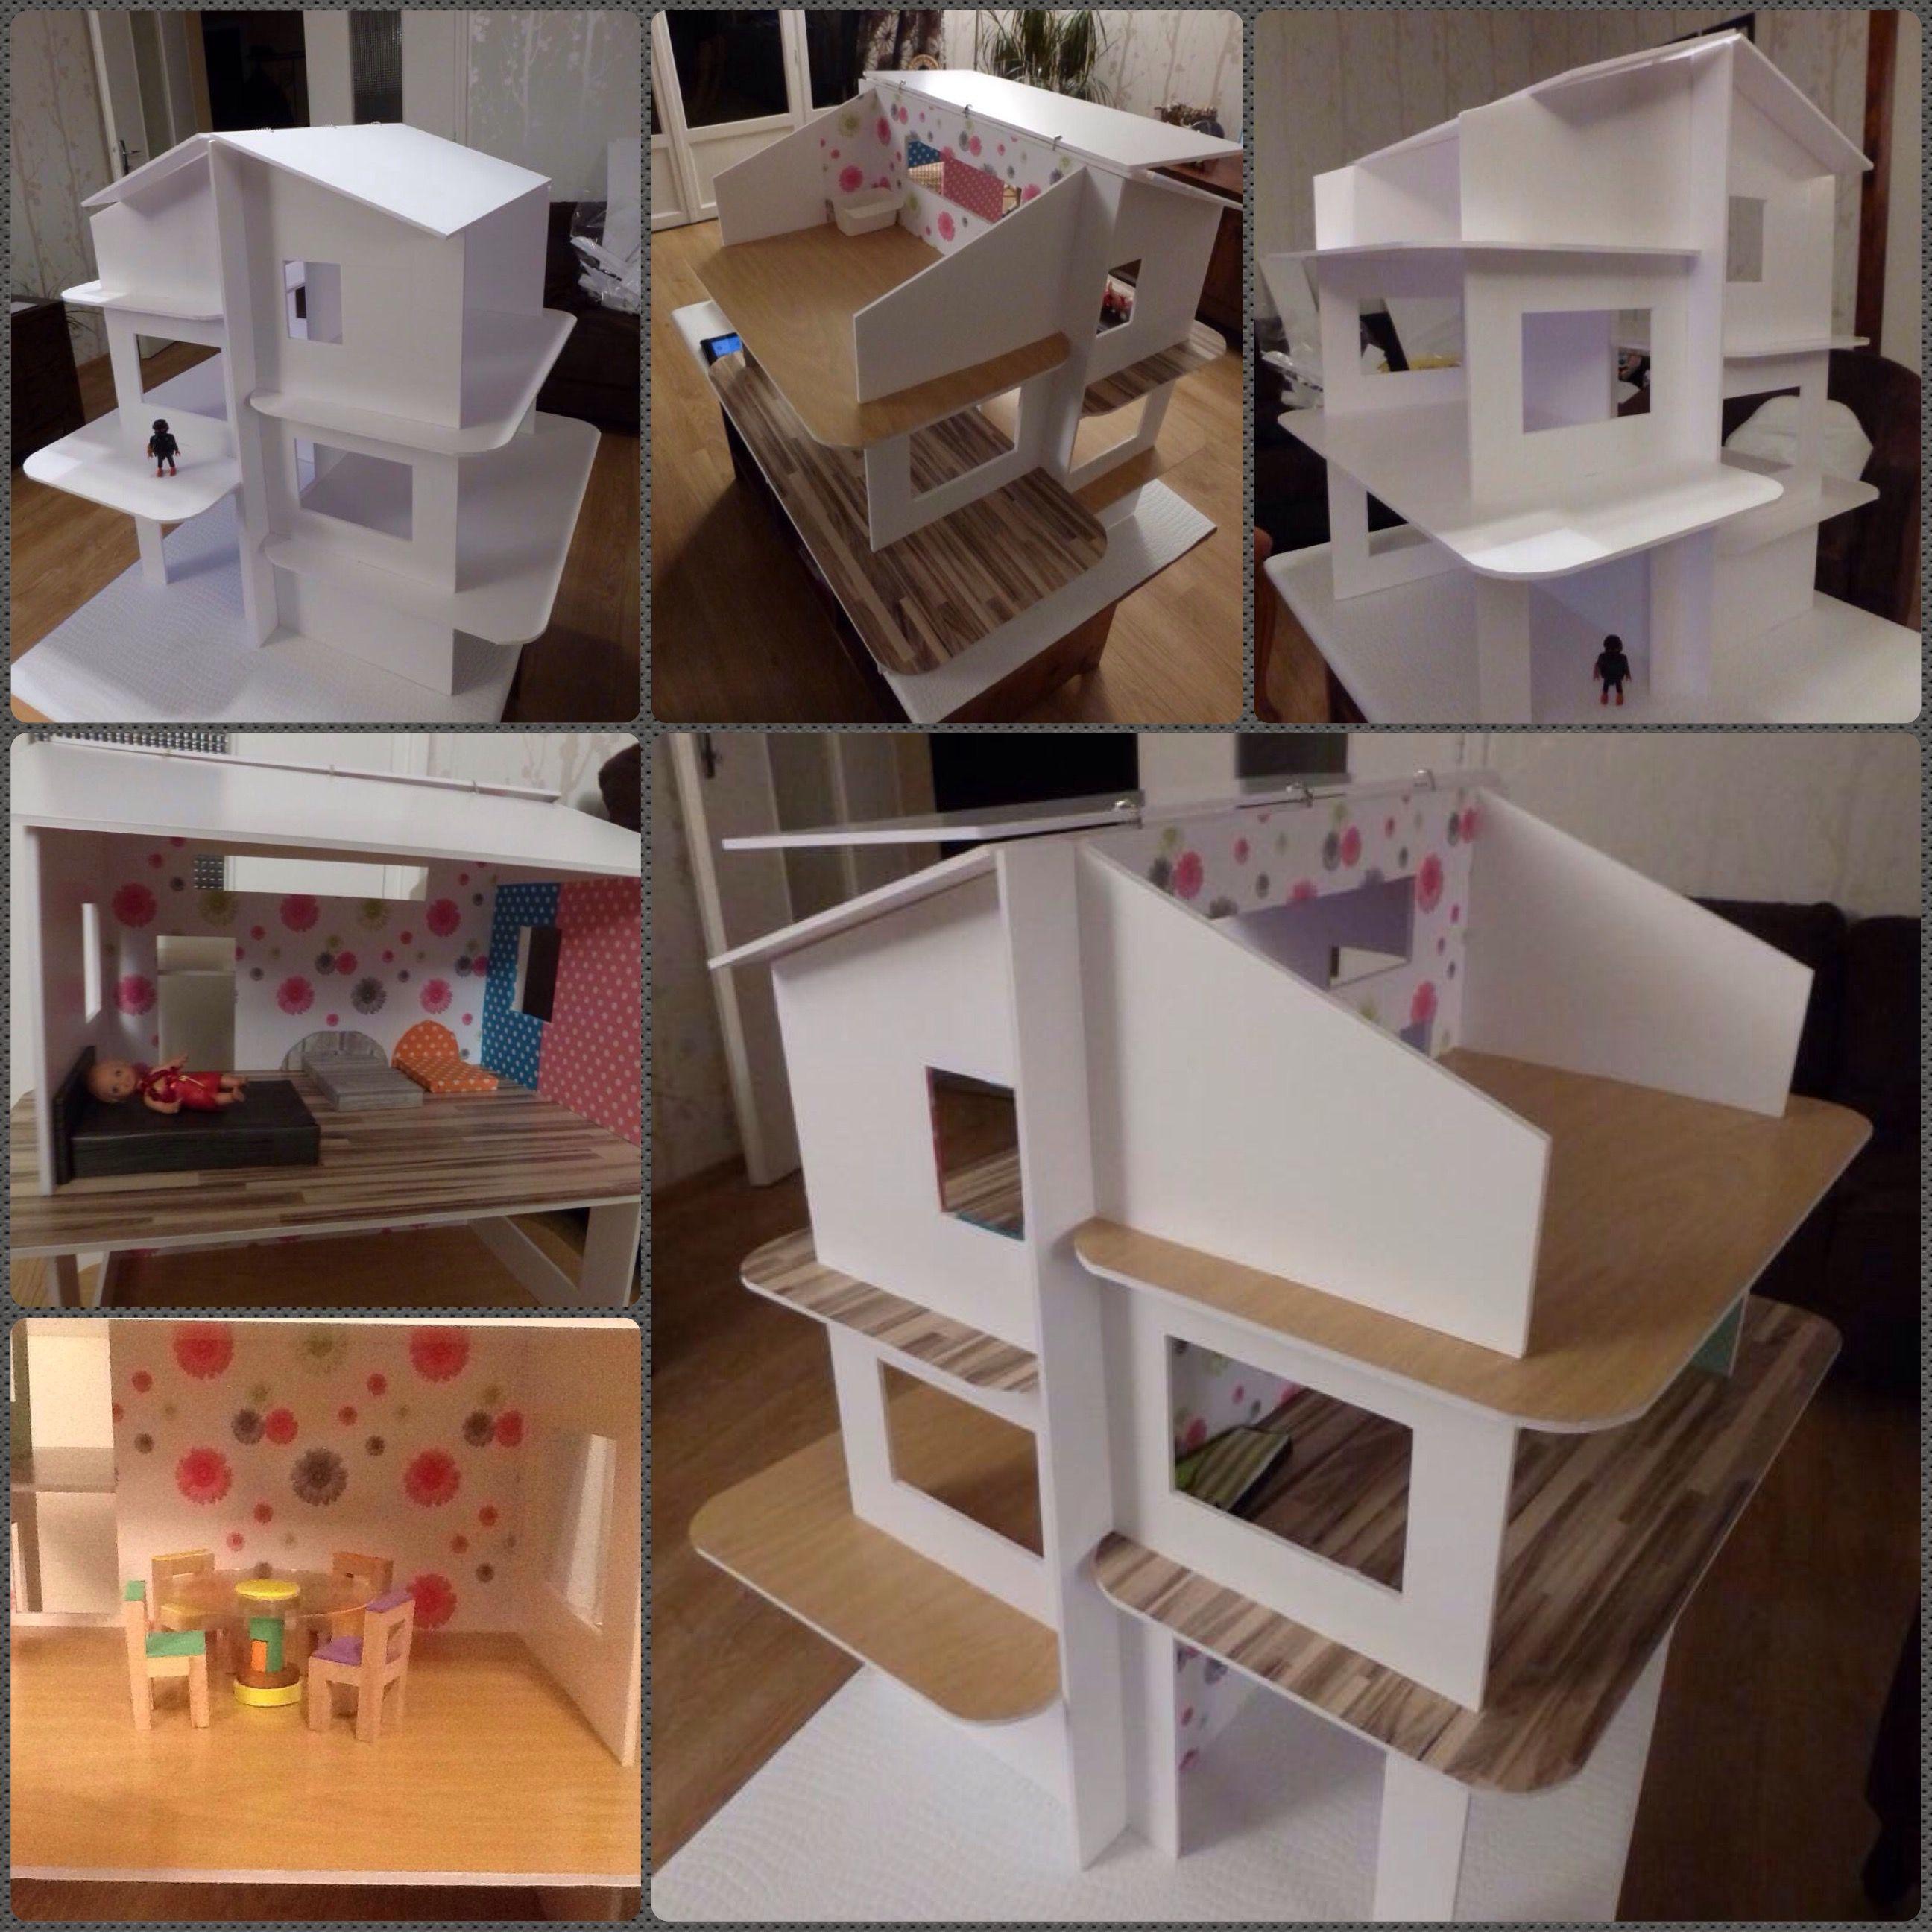 Maison playmobil jeu pour enfants pinterest for Modele maison playmobil